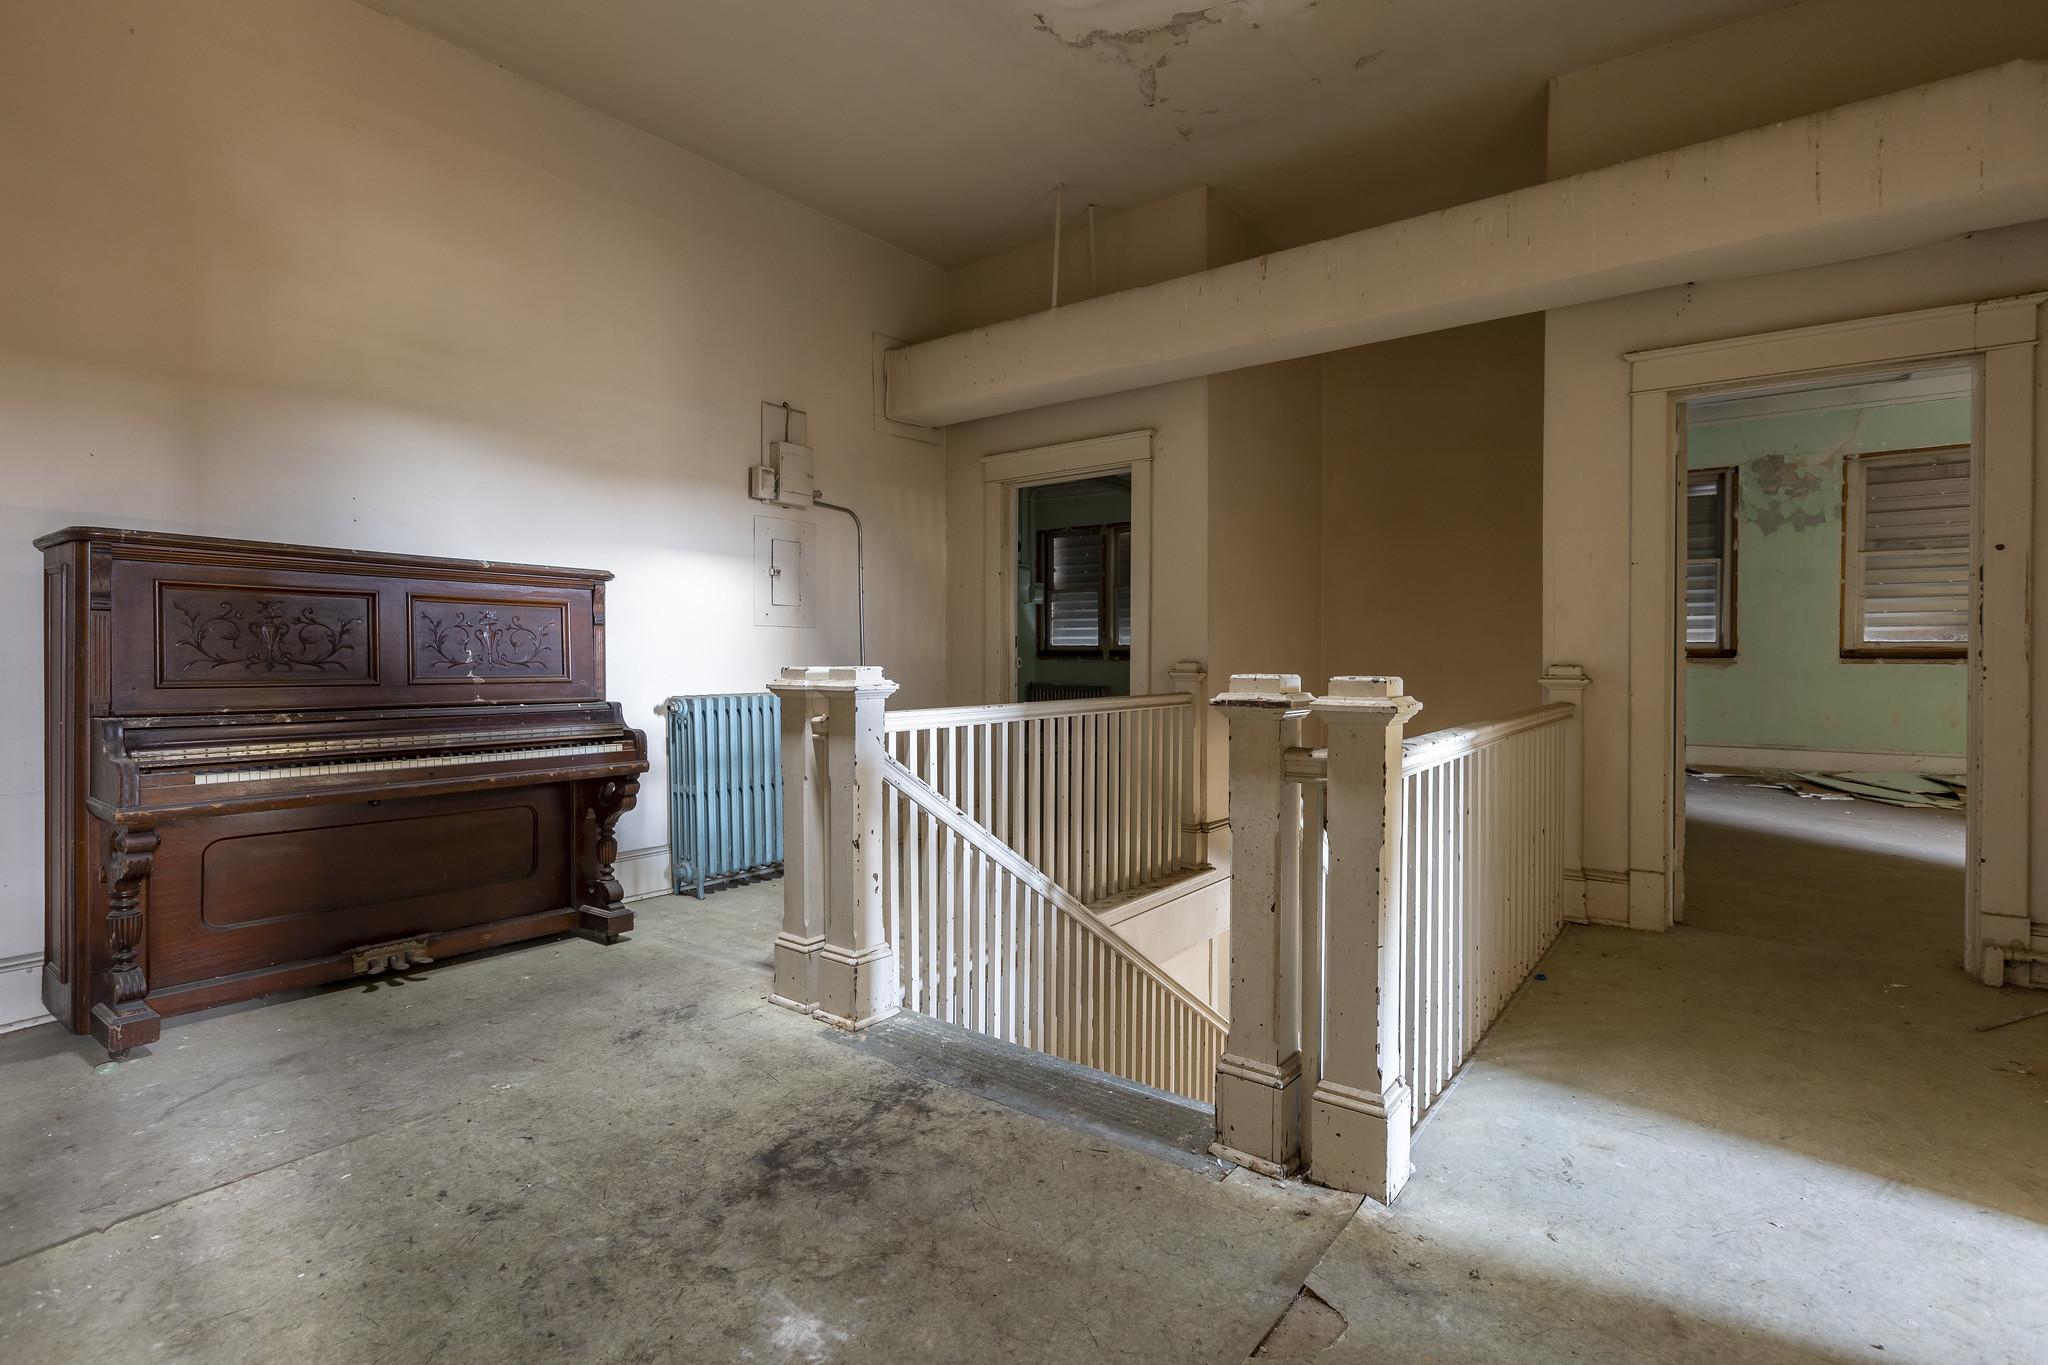 Sanford Lodge 151